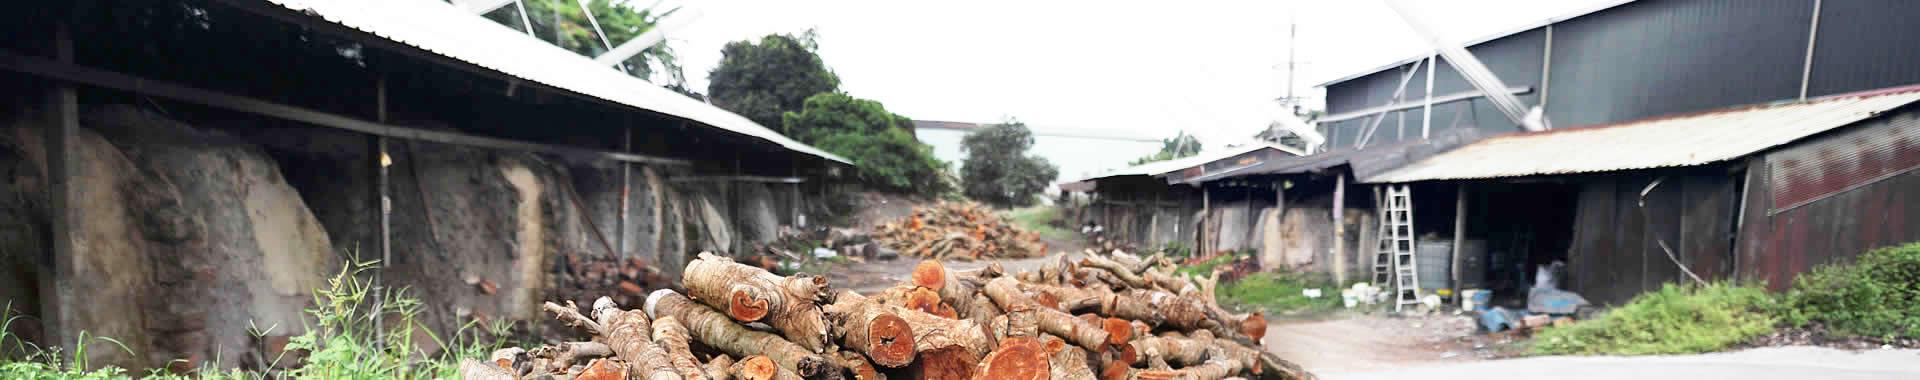 台灣木炭窯-高雄木炭窯